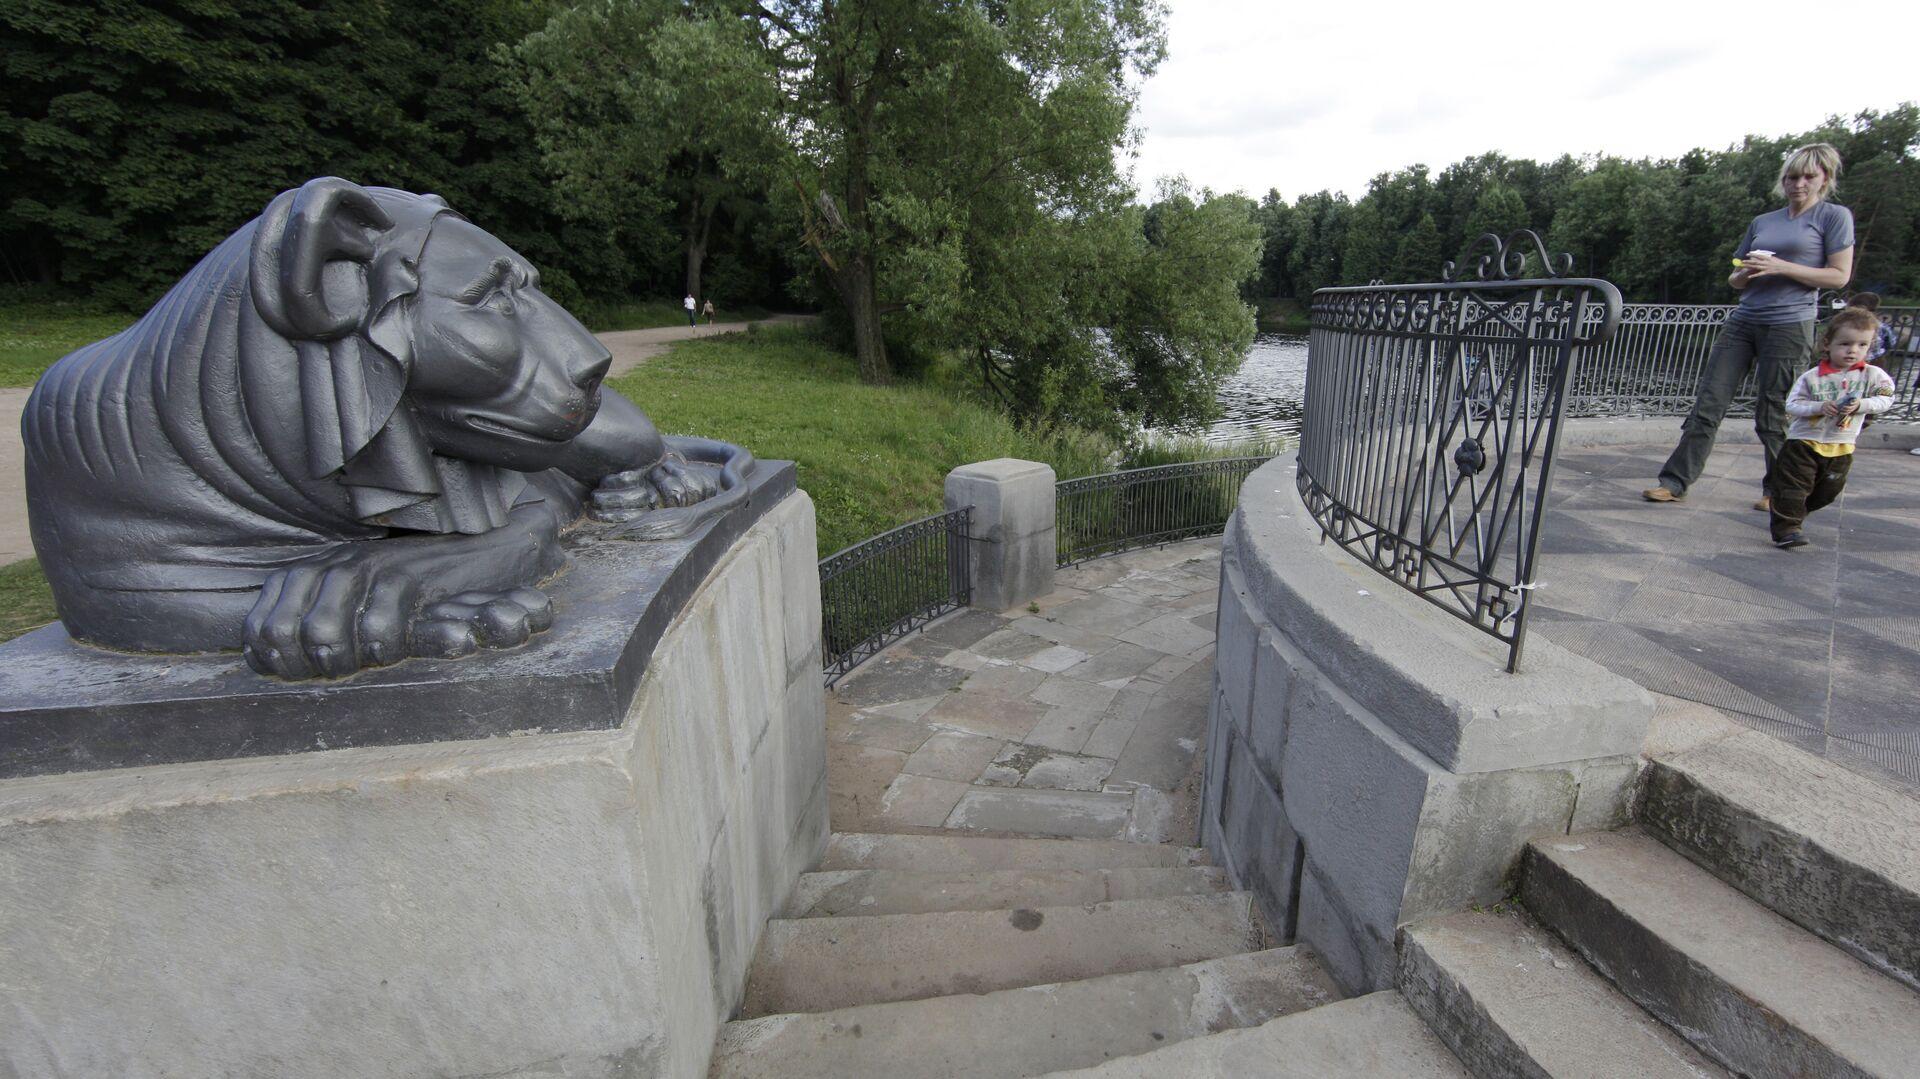 Парк Кузьминки-Люблино - РИА Новости, 1920, 20.07.2021